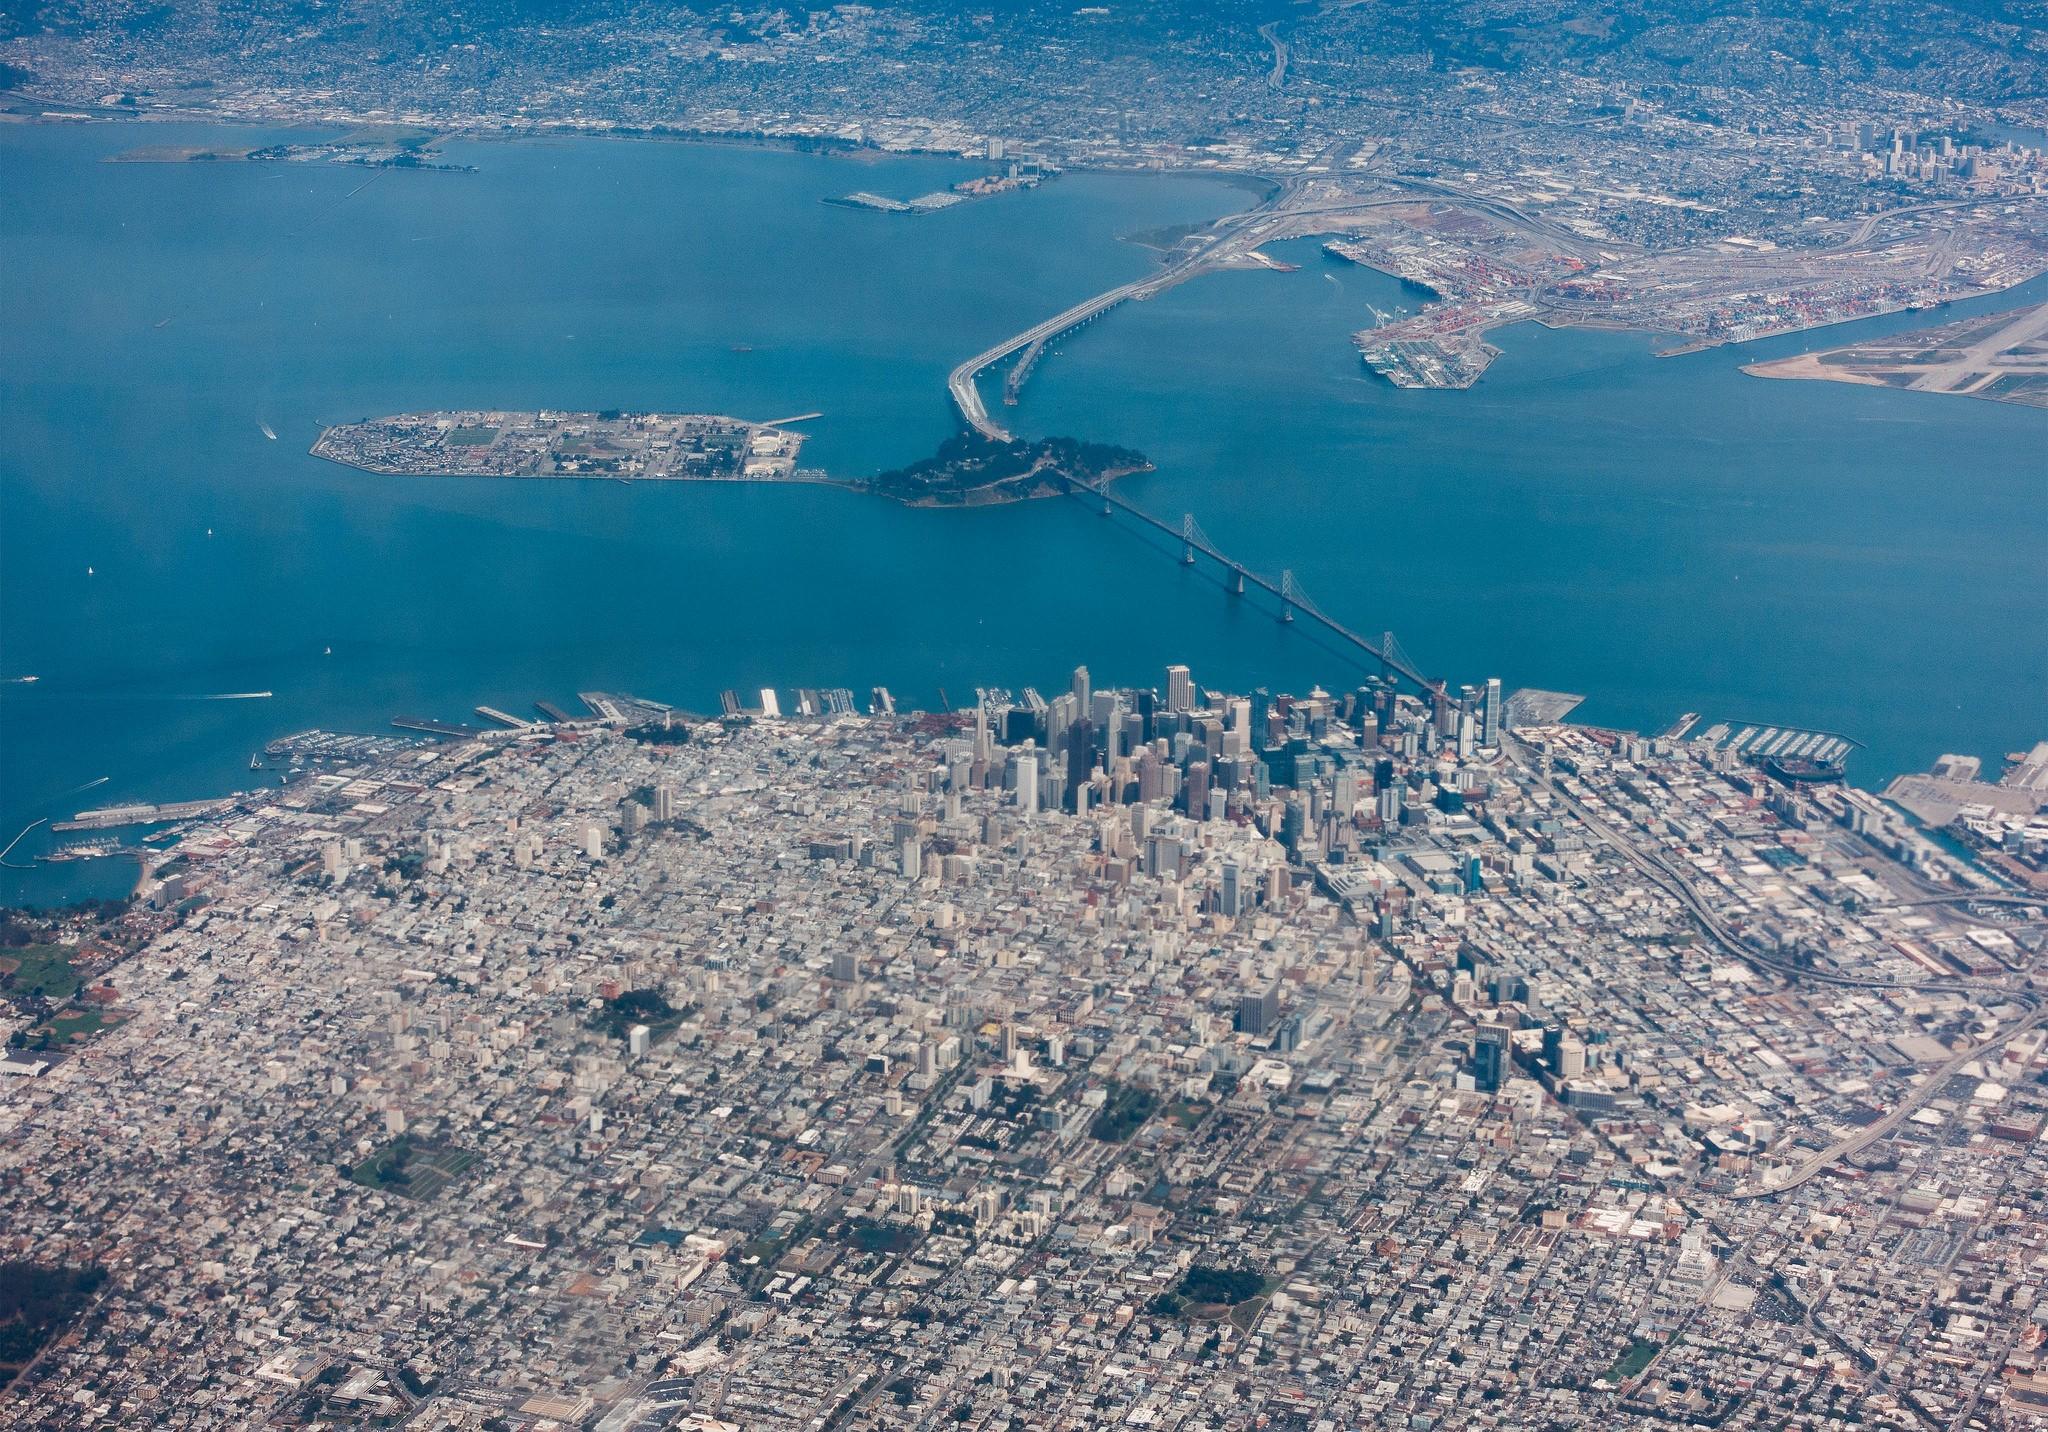 São Francisco tem mais de 860 mil habitantes (Foto: Alexander Russy/Flickr)